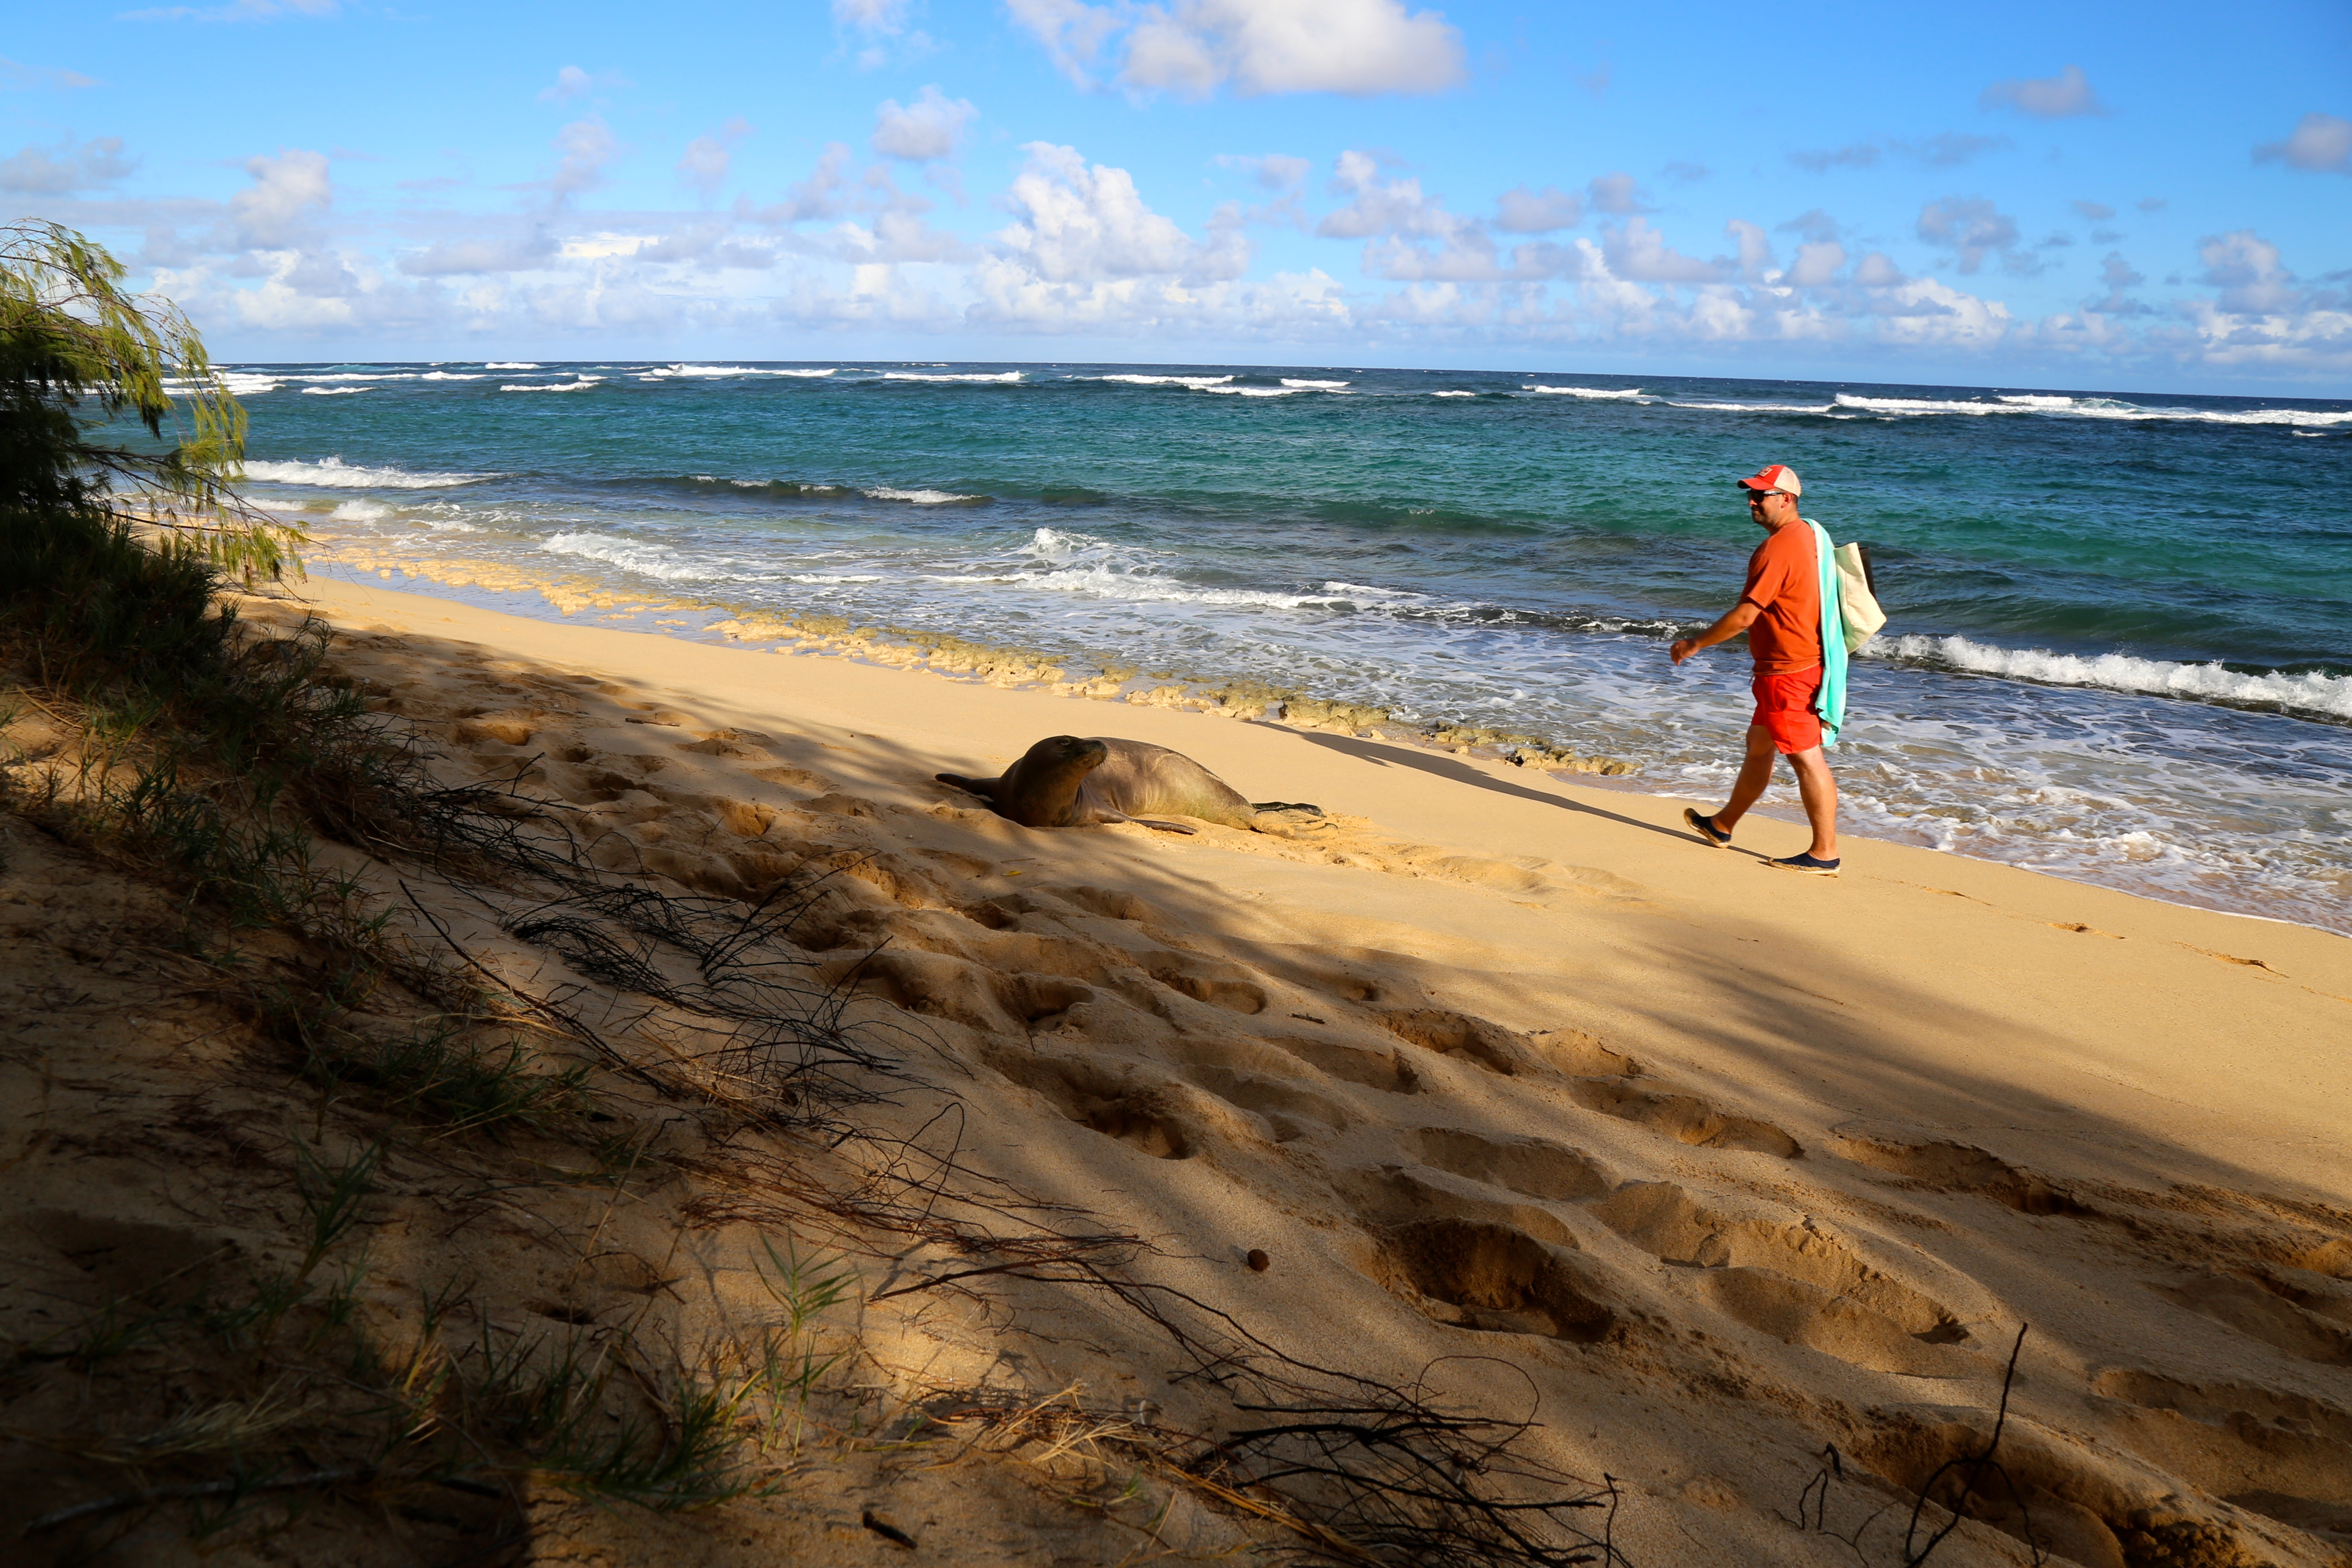 promenade sur une plade deserte lors d'un sejour a Kauai